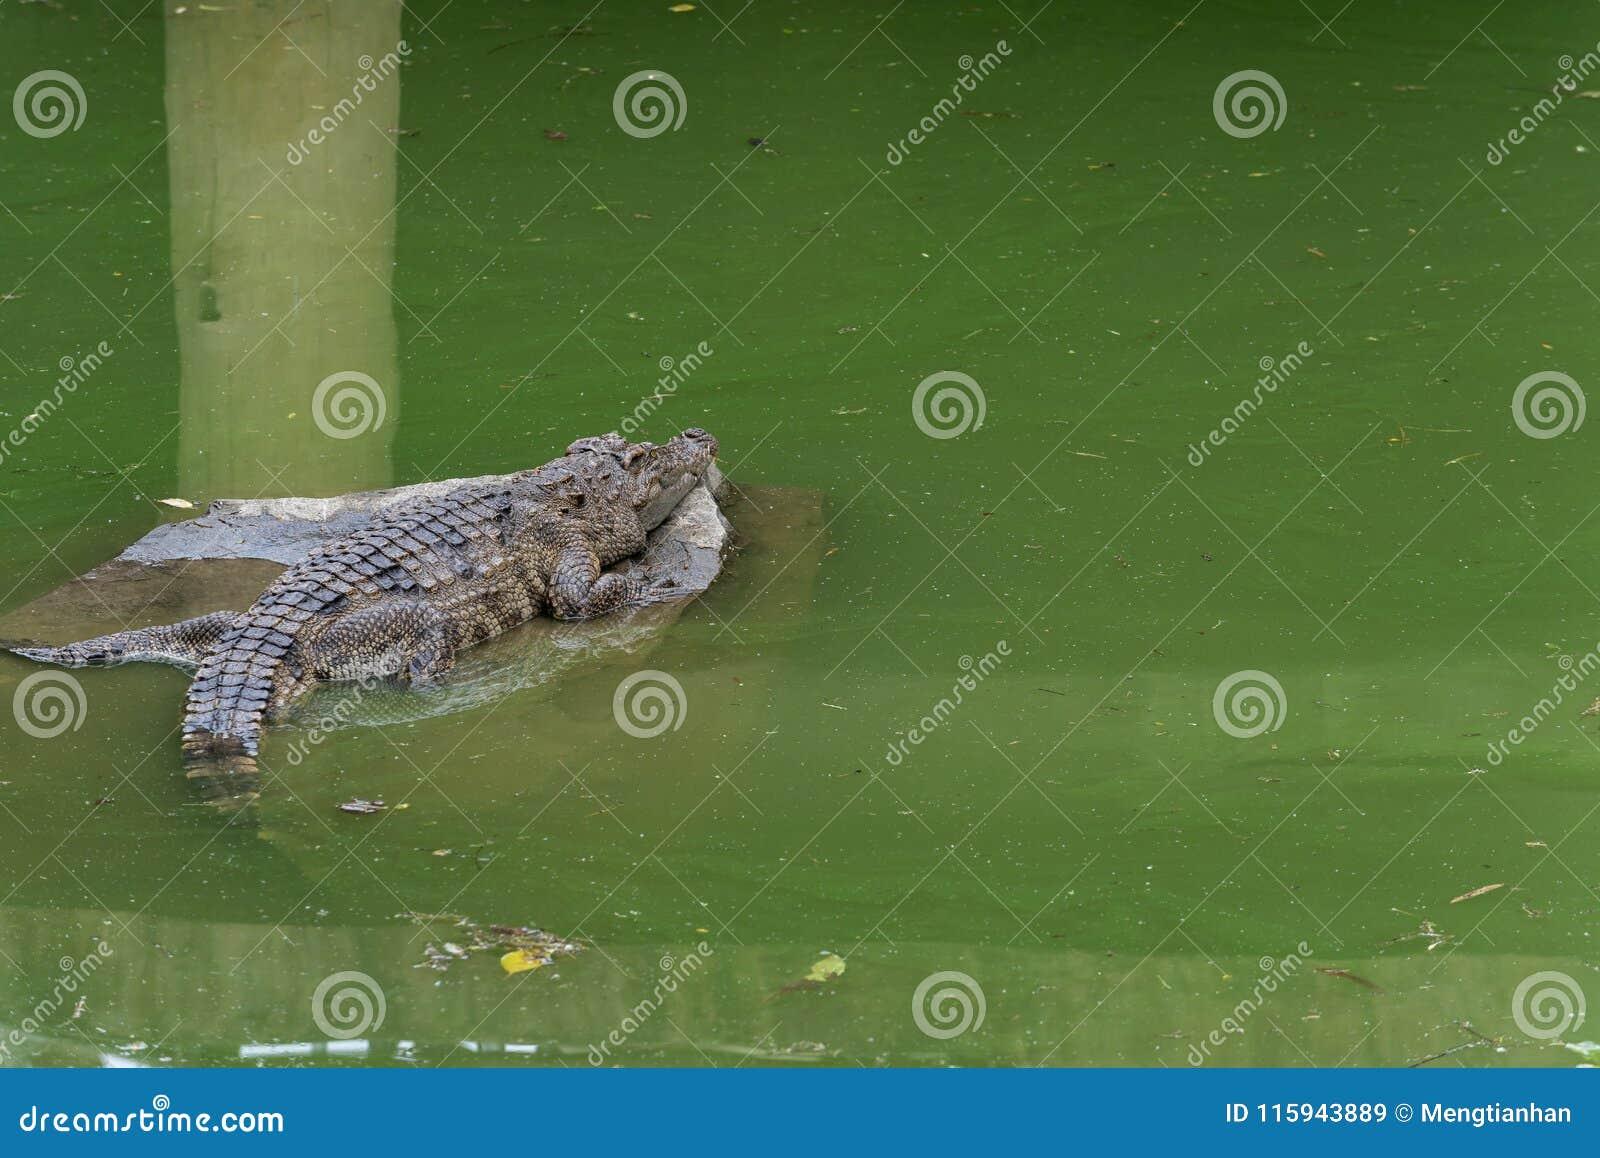 Грейтесь в siamensis солнечност-крокодил-крокодила